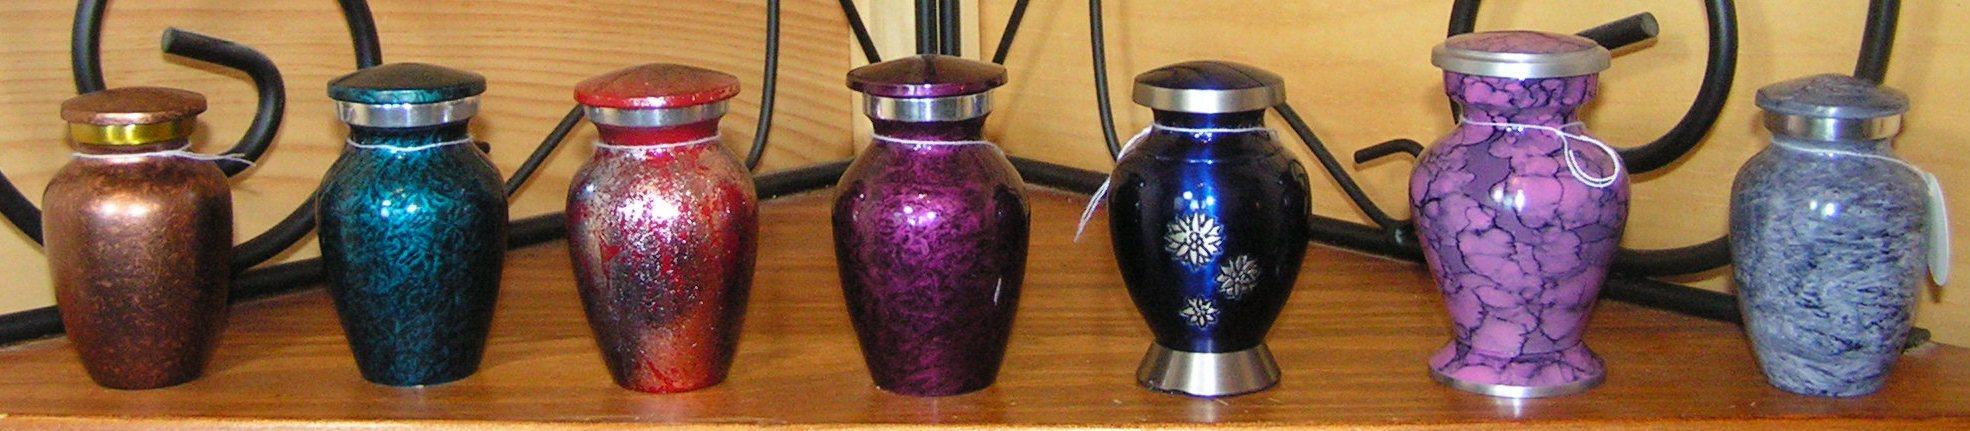 Miniature Keepsake Urns